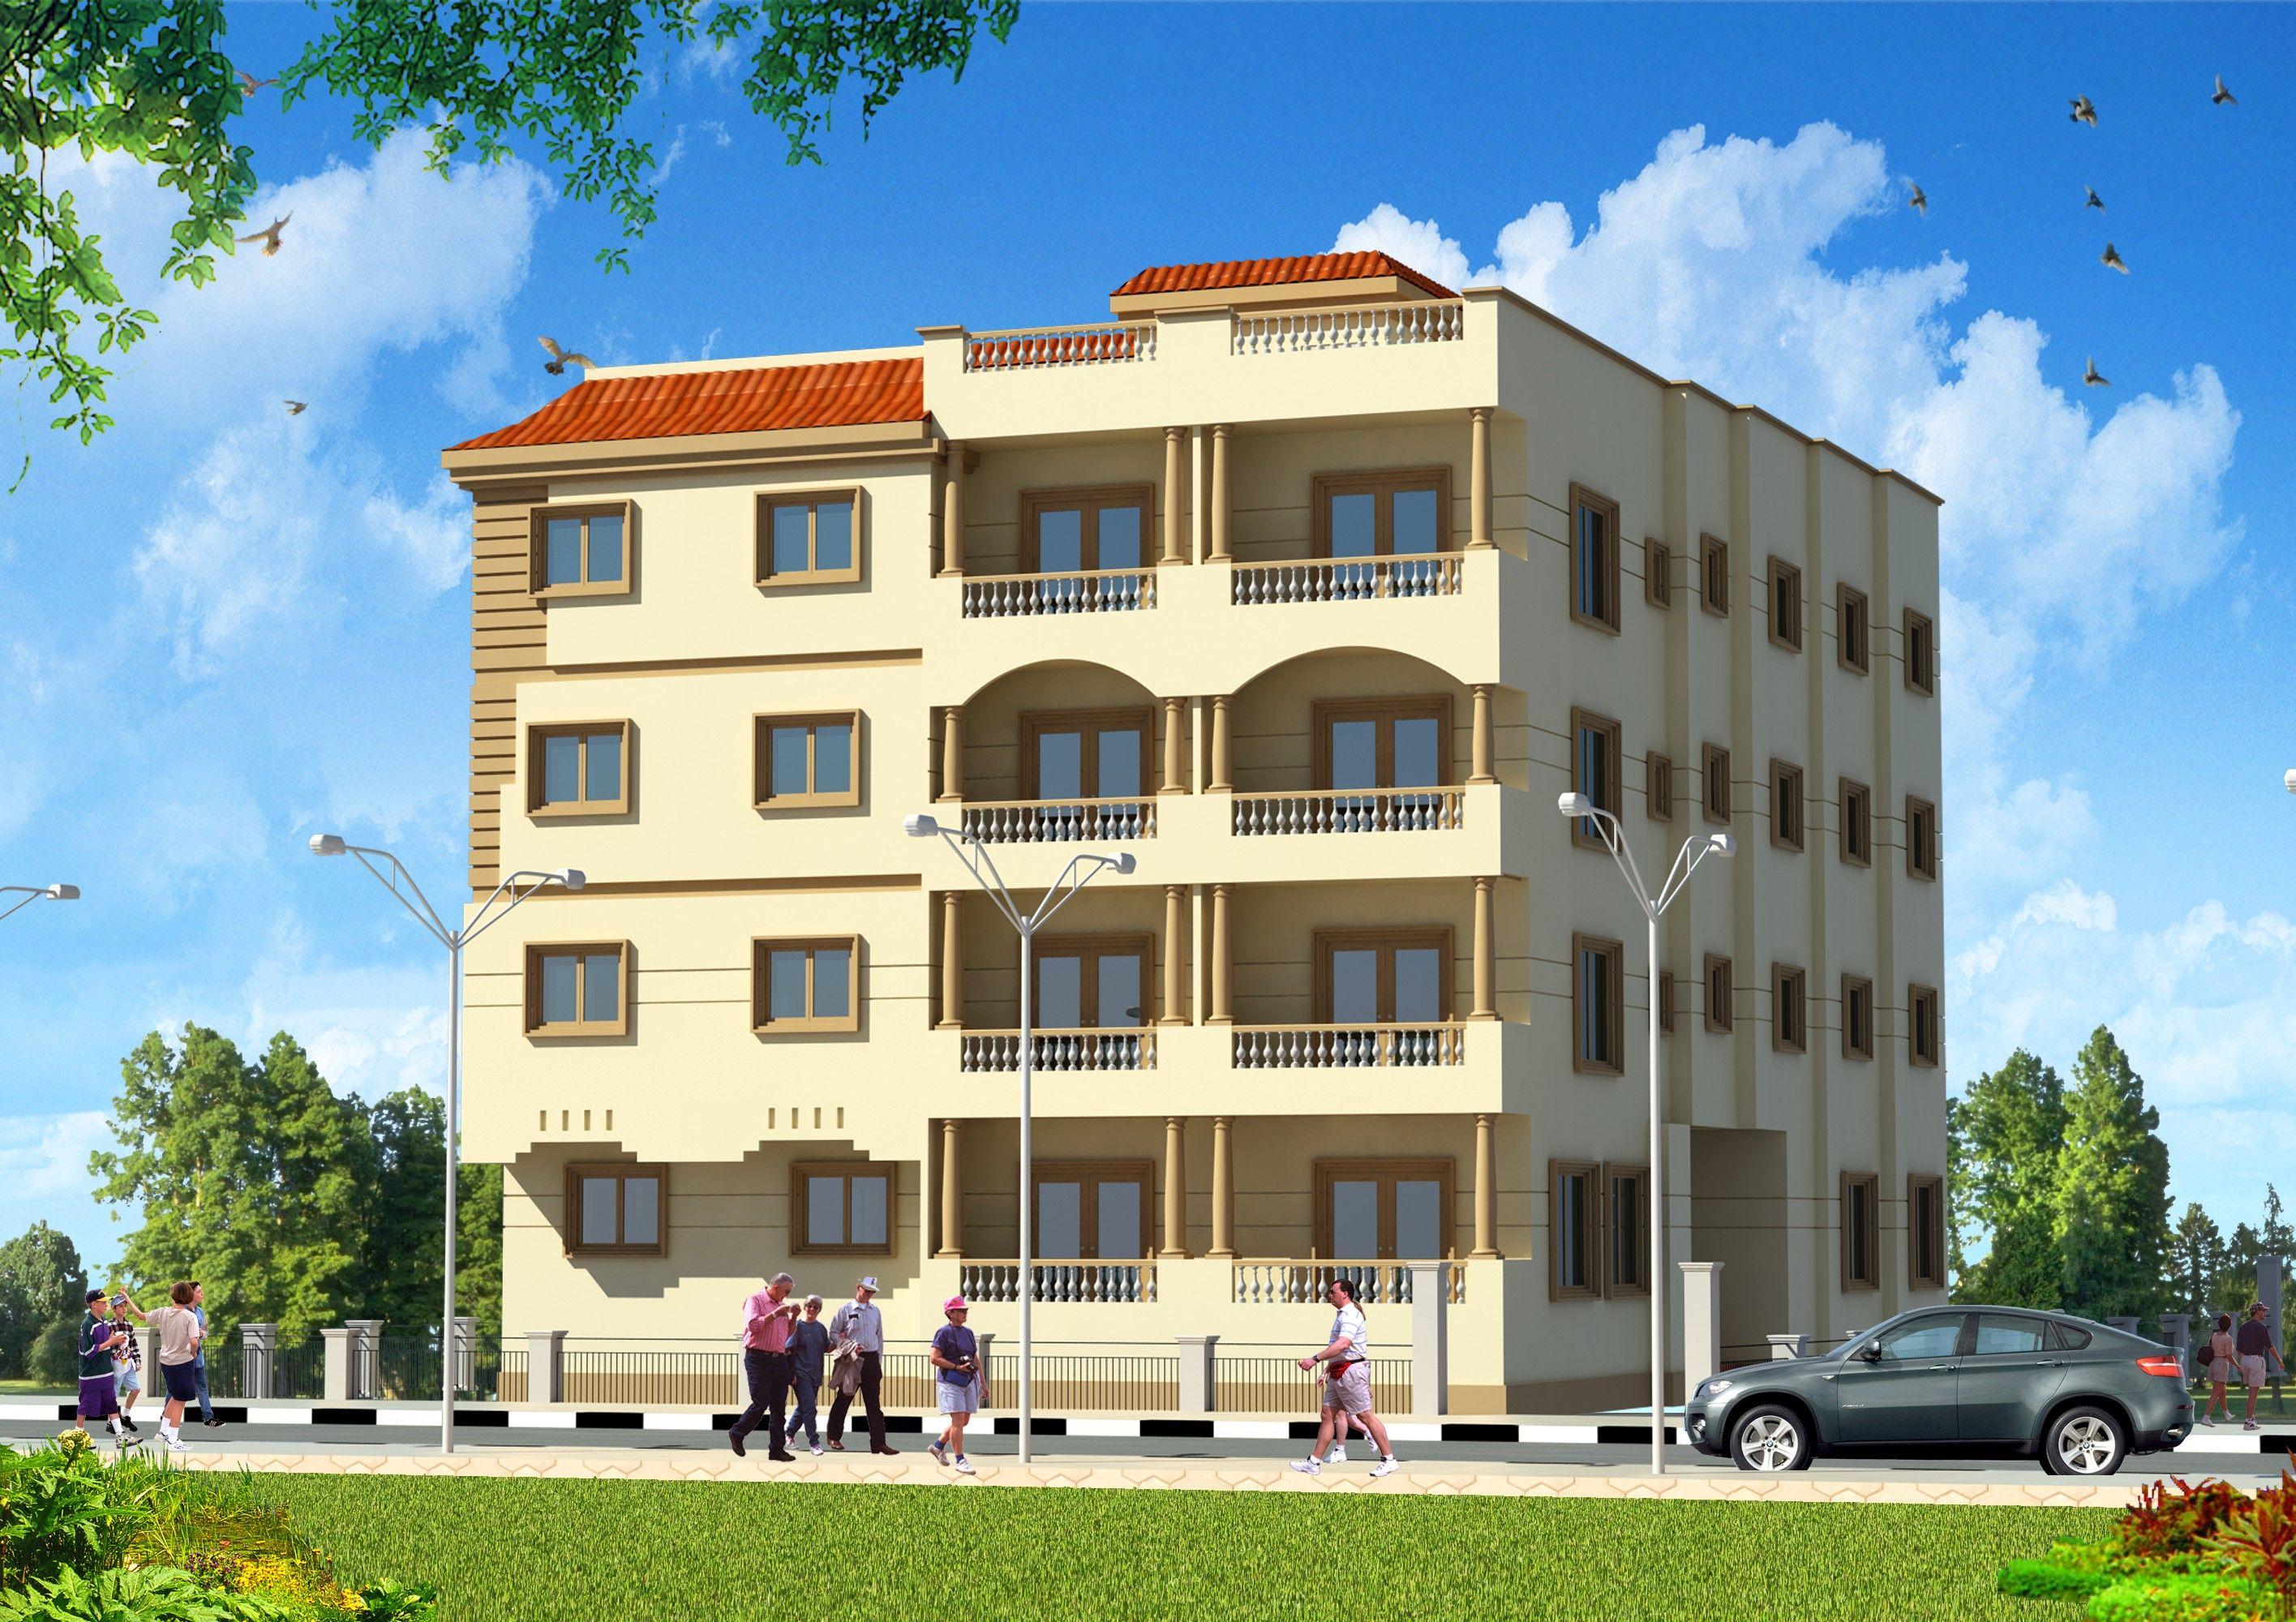 شقق للبيع بالتقسيط بـالمريوطية بـالهرم 2016 185104 عقارى Real Estate Building Haram